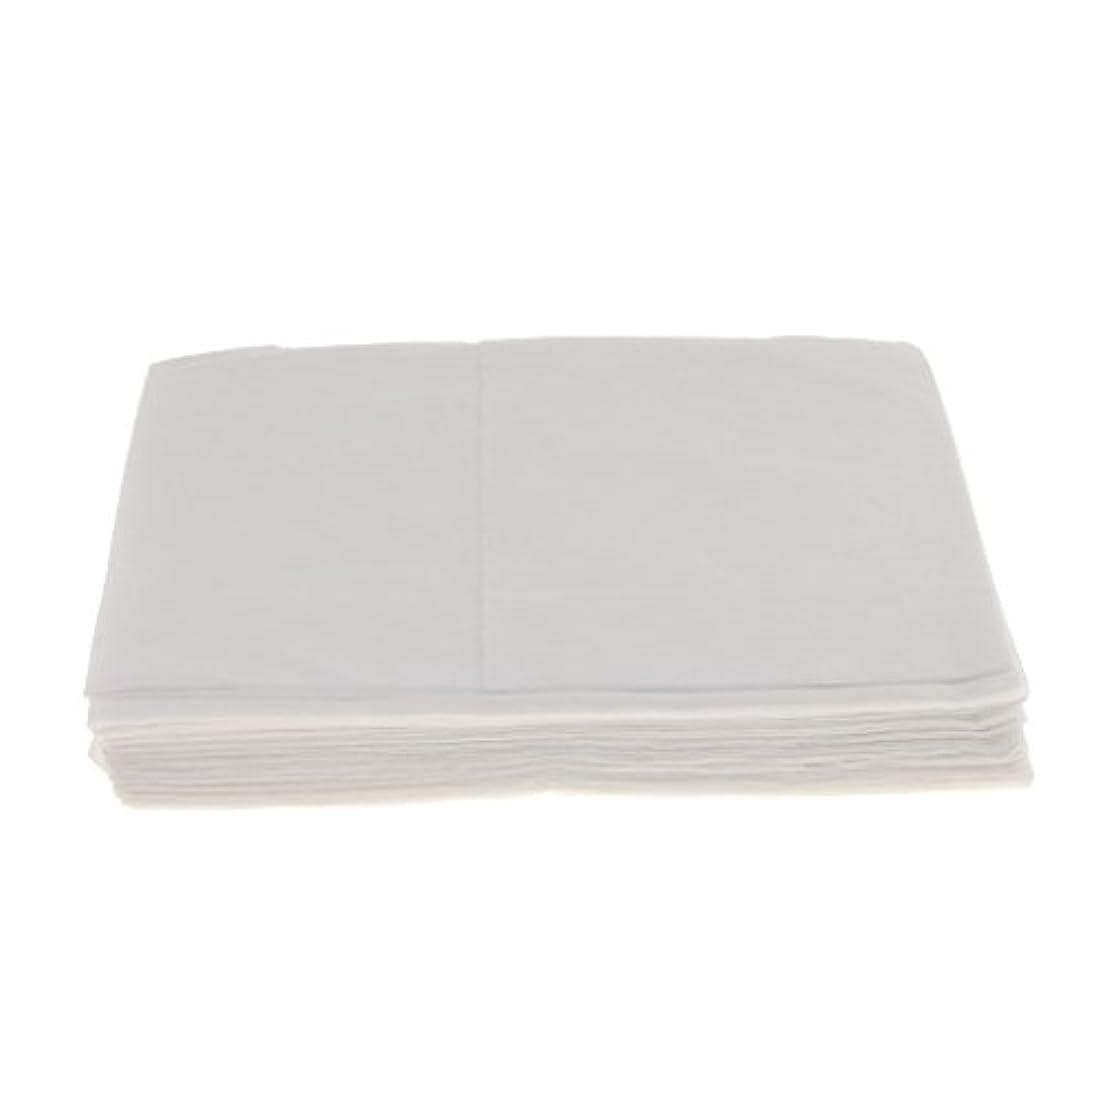 黙私出来事Baosity 10枚 使い捨て ベッドシーツ サロン ホテル ベッドパッド カバー シート 2色選べ - 白